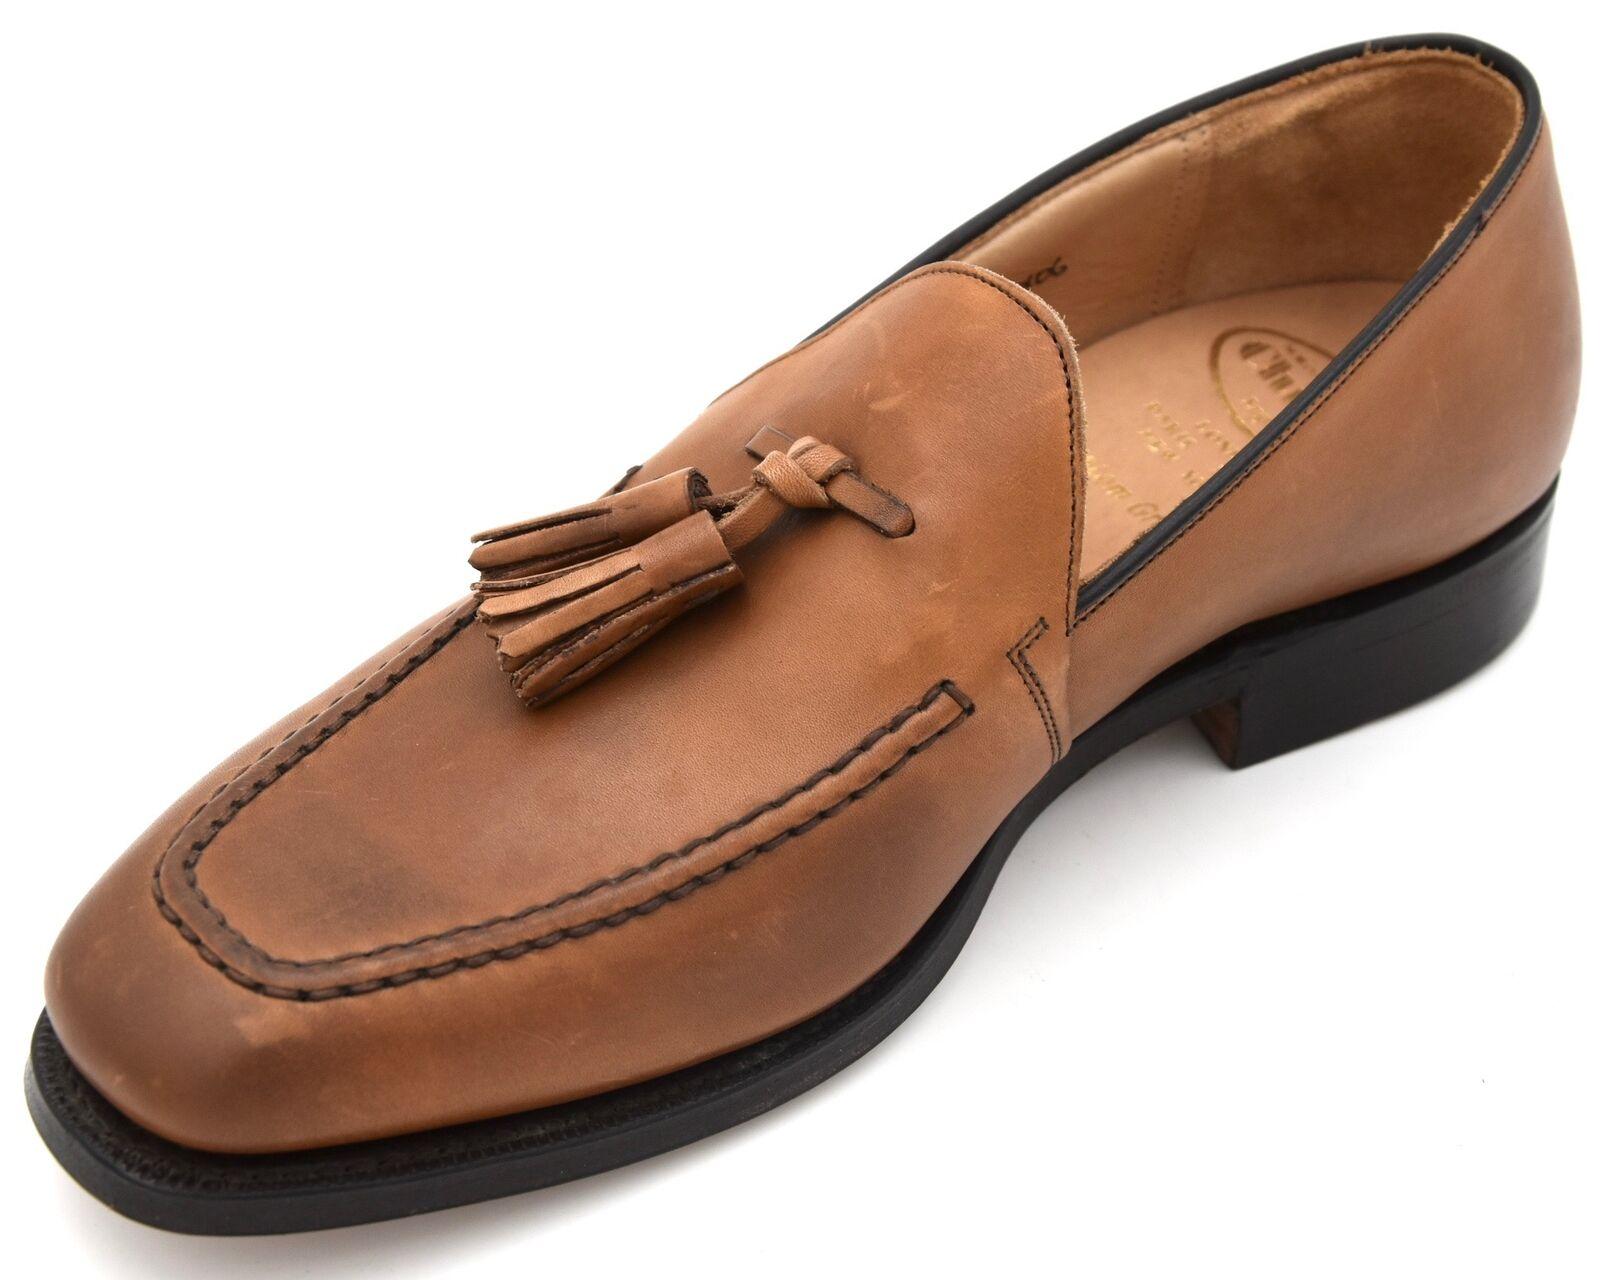 CHURCH'S HOMBRE shoes PLANOS MOCASINES FORMAL FIT G EN CUERO ART. HARROW